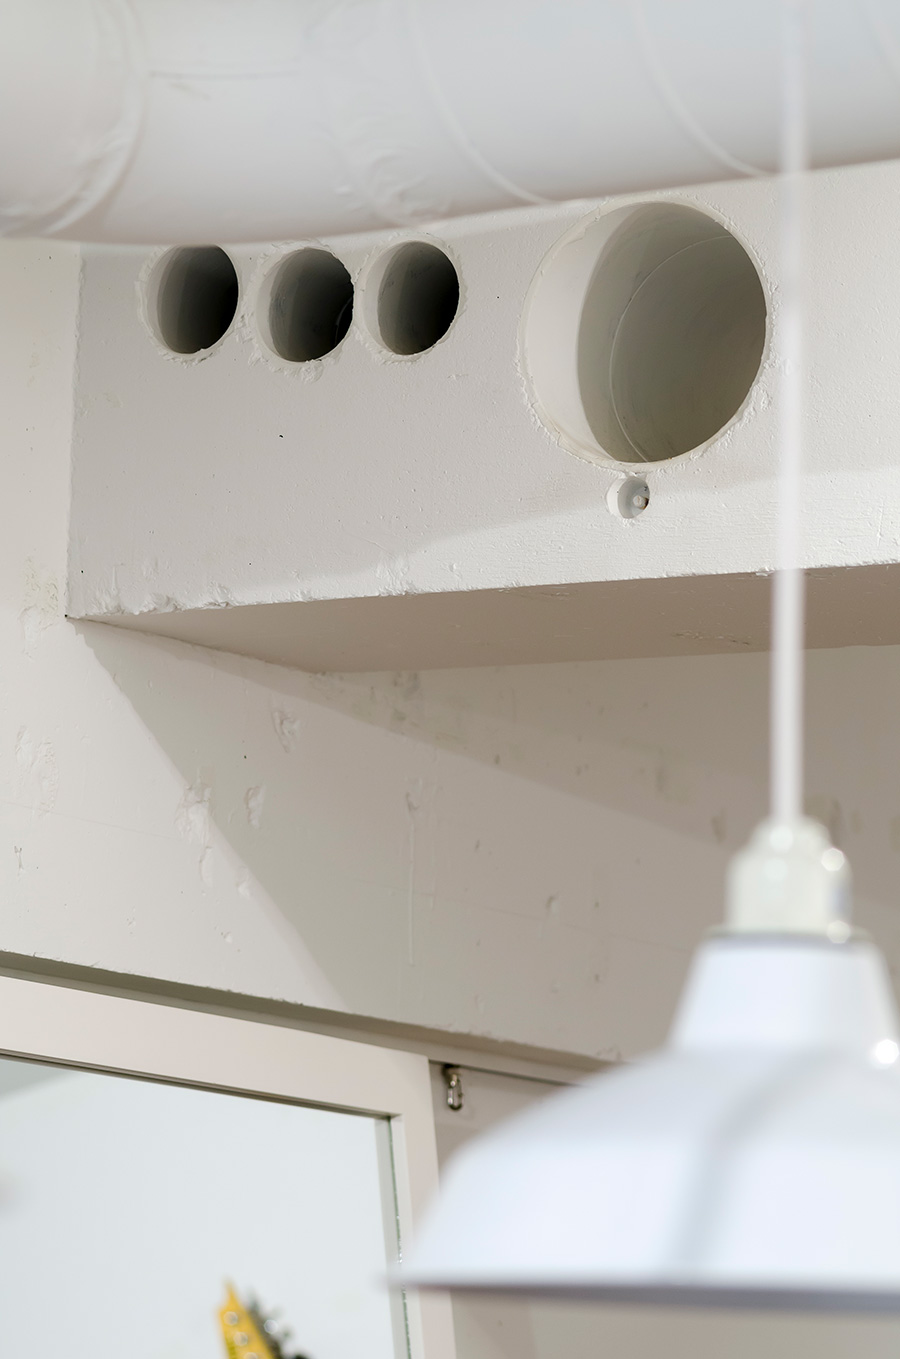 キッチンのダクト部分だった穴はあえてそのままに